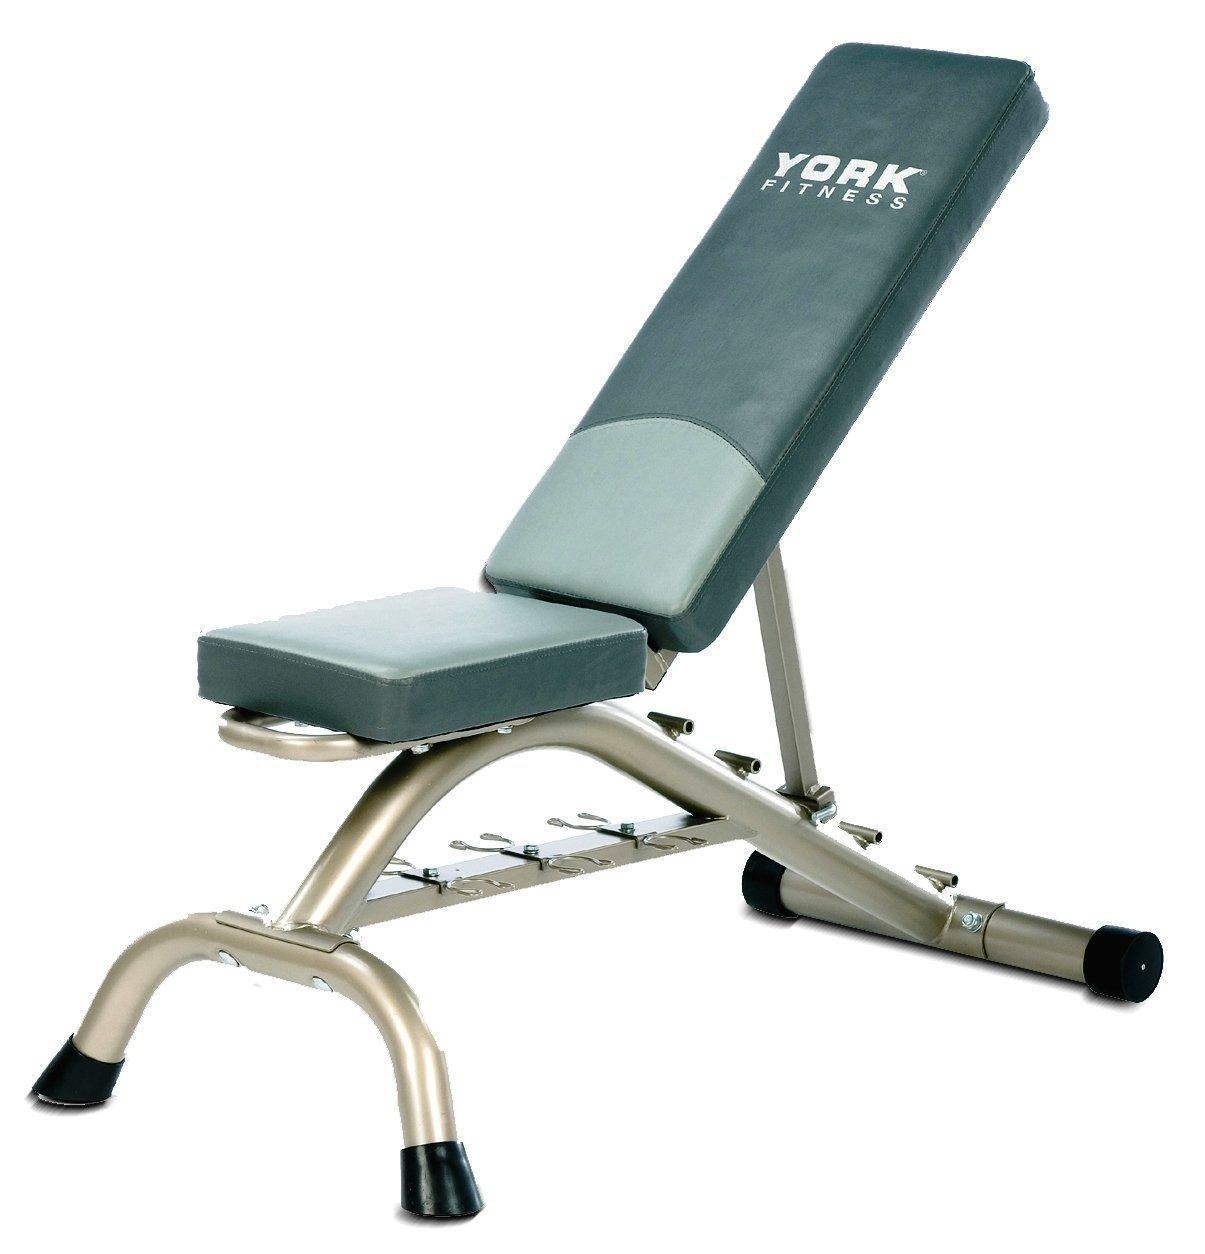 york-fitness-bench